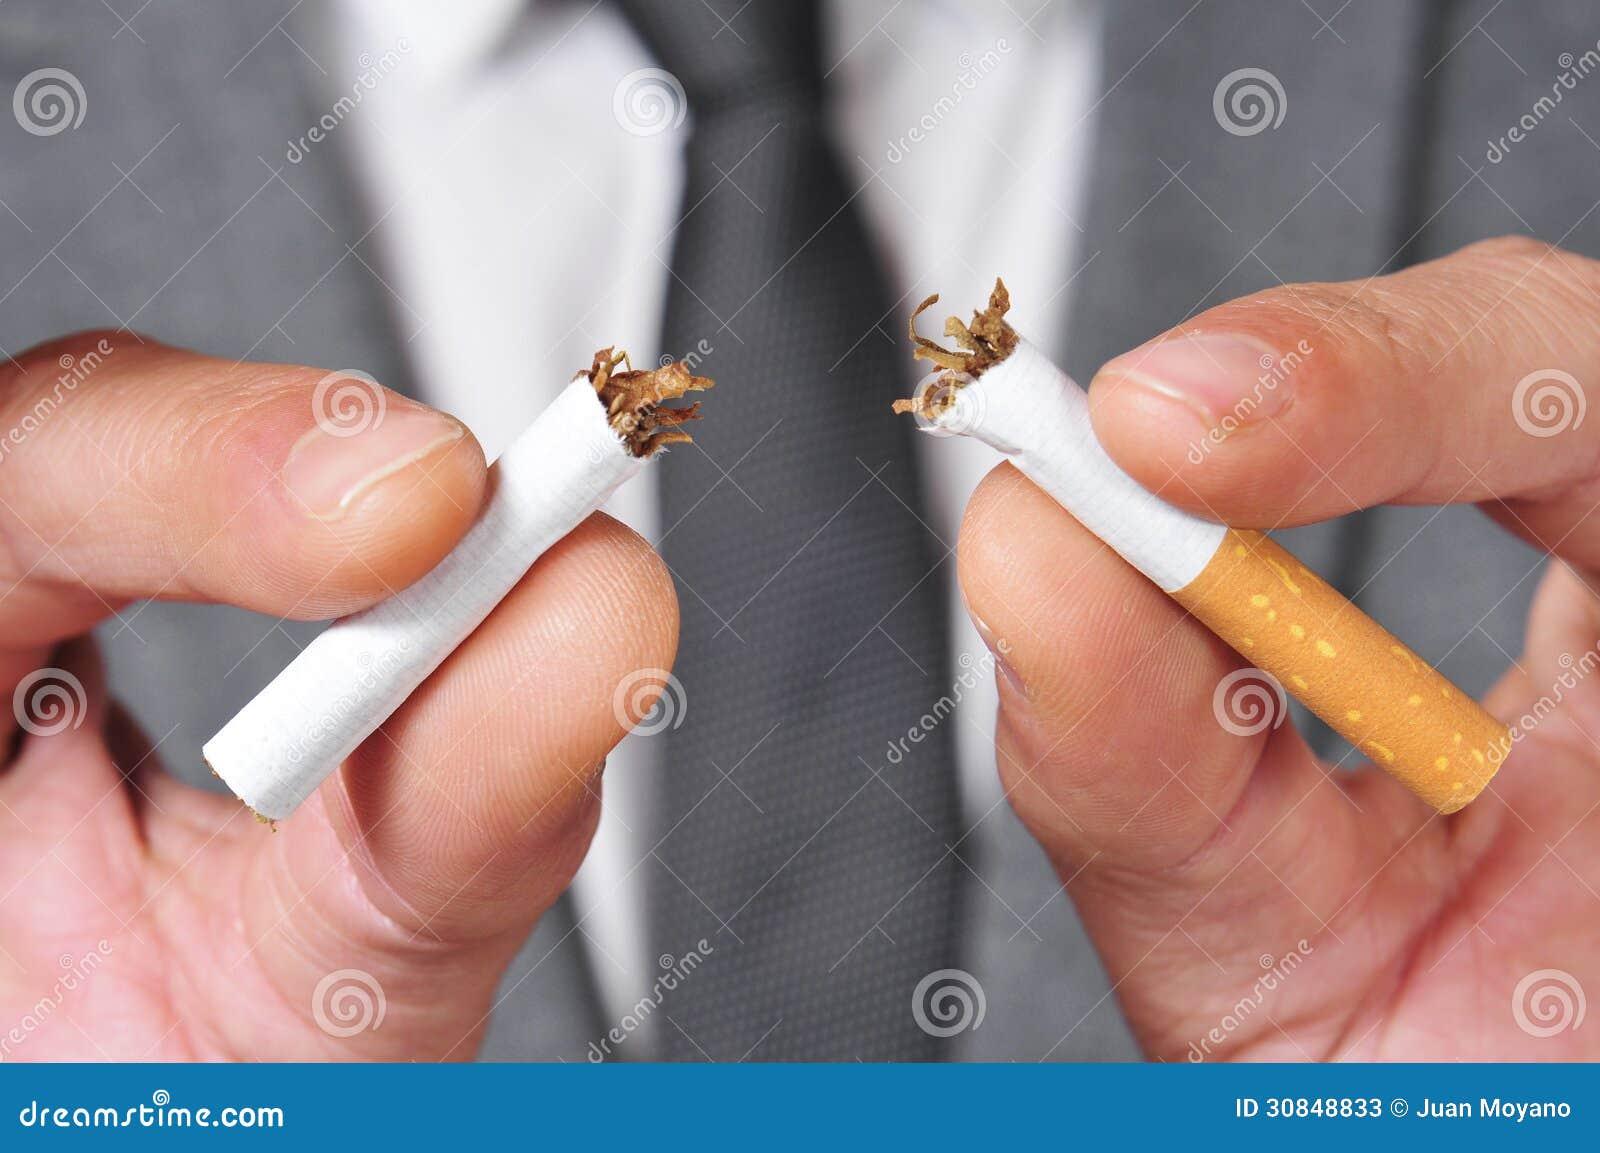 Effetti piacevoli e meno piacevoli dopo aver smesso di fumare – Un Post Protetto